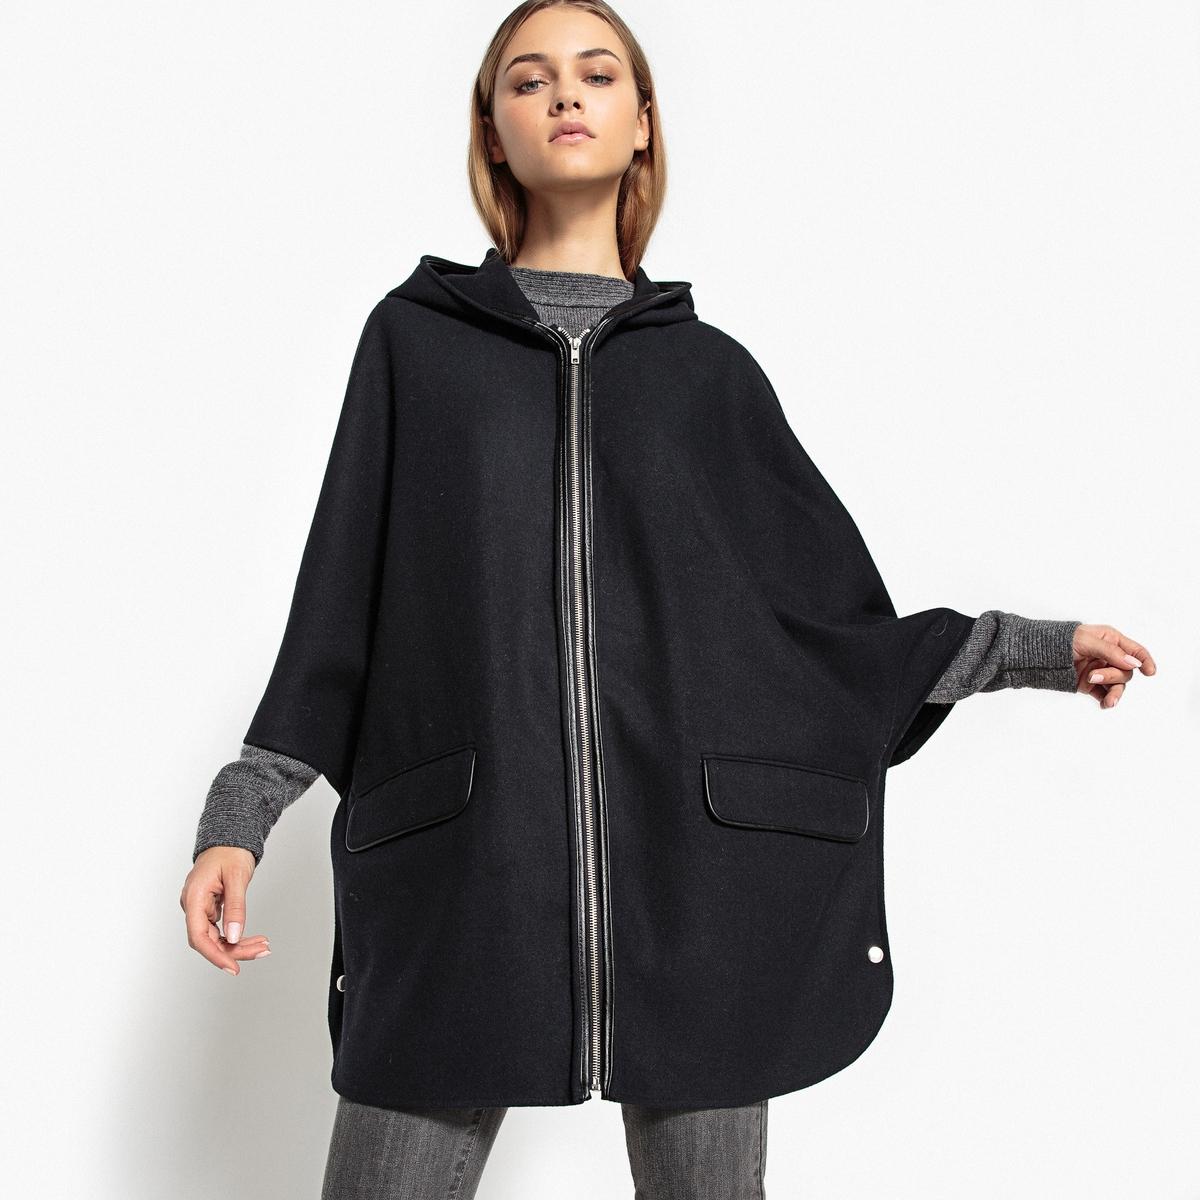 Плащ с капюшоном на молнии, 2 карманаОписание:Оригинальное и невероятно удобное пальто-плащ. Этот плащ с капюшоном защитит вас от дождя и холода. Элегантный и стильный утепленный плащ.Детали •  Длина : средняя •  Капюшон •  Застежка на молнию •  С капюшономСостав и уход5% вискозы, 20% шерсти, 40% акрила, 5% полиамида, 30% полиэстера    • Не стирать •  Любые растворители / не отбеливать   •  Не использовать барабанную сушку •  Не гладить •  Длина : 80 см<br><br>Цвет: темно-синий<br>Размер: 34 (FR) - 40 (RUS).38 (FR) - 44 (RUS)